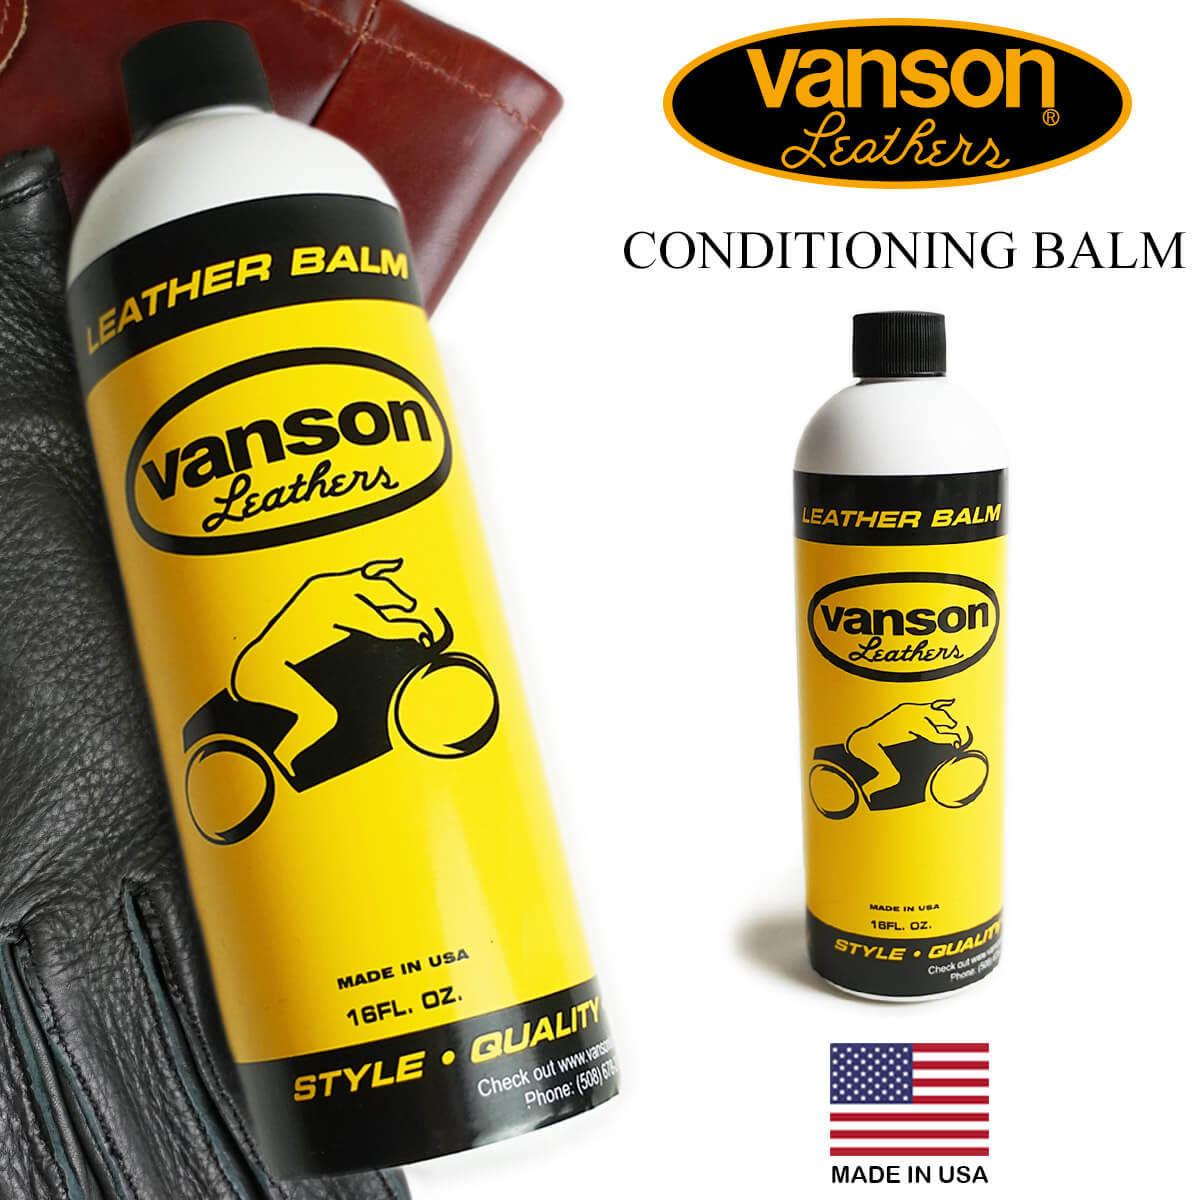 バンソン VANSON 定番の人気シリーズPOINT(ポイント)入荷 ケアオイル CONDITIONING BALM 定番スタイル コンディショニングバーム